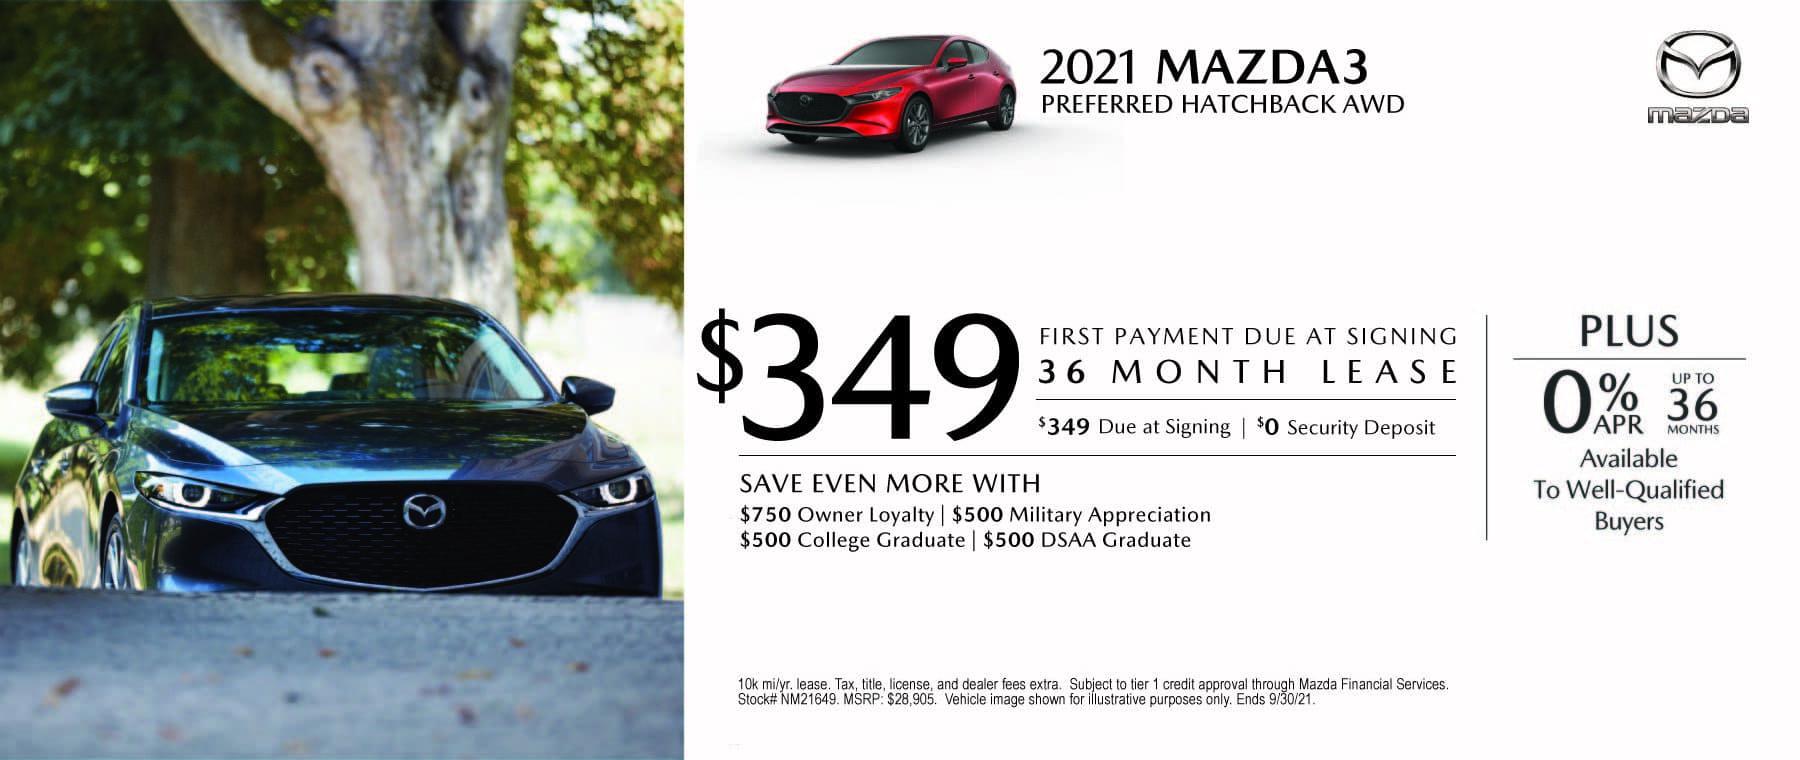 September-2021-Mazda-CS-Slides_Mazda3-0-Down